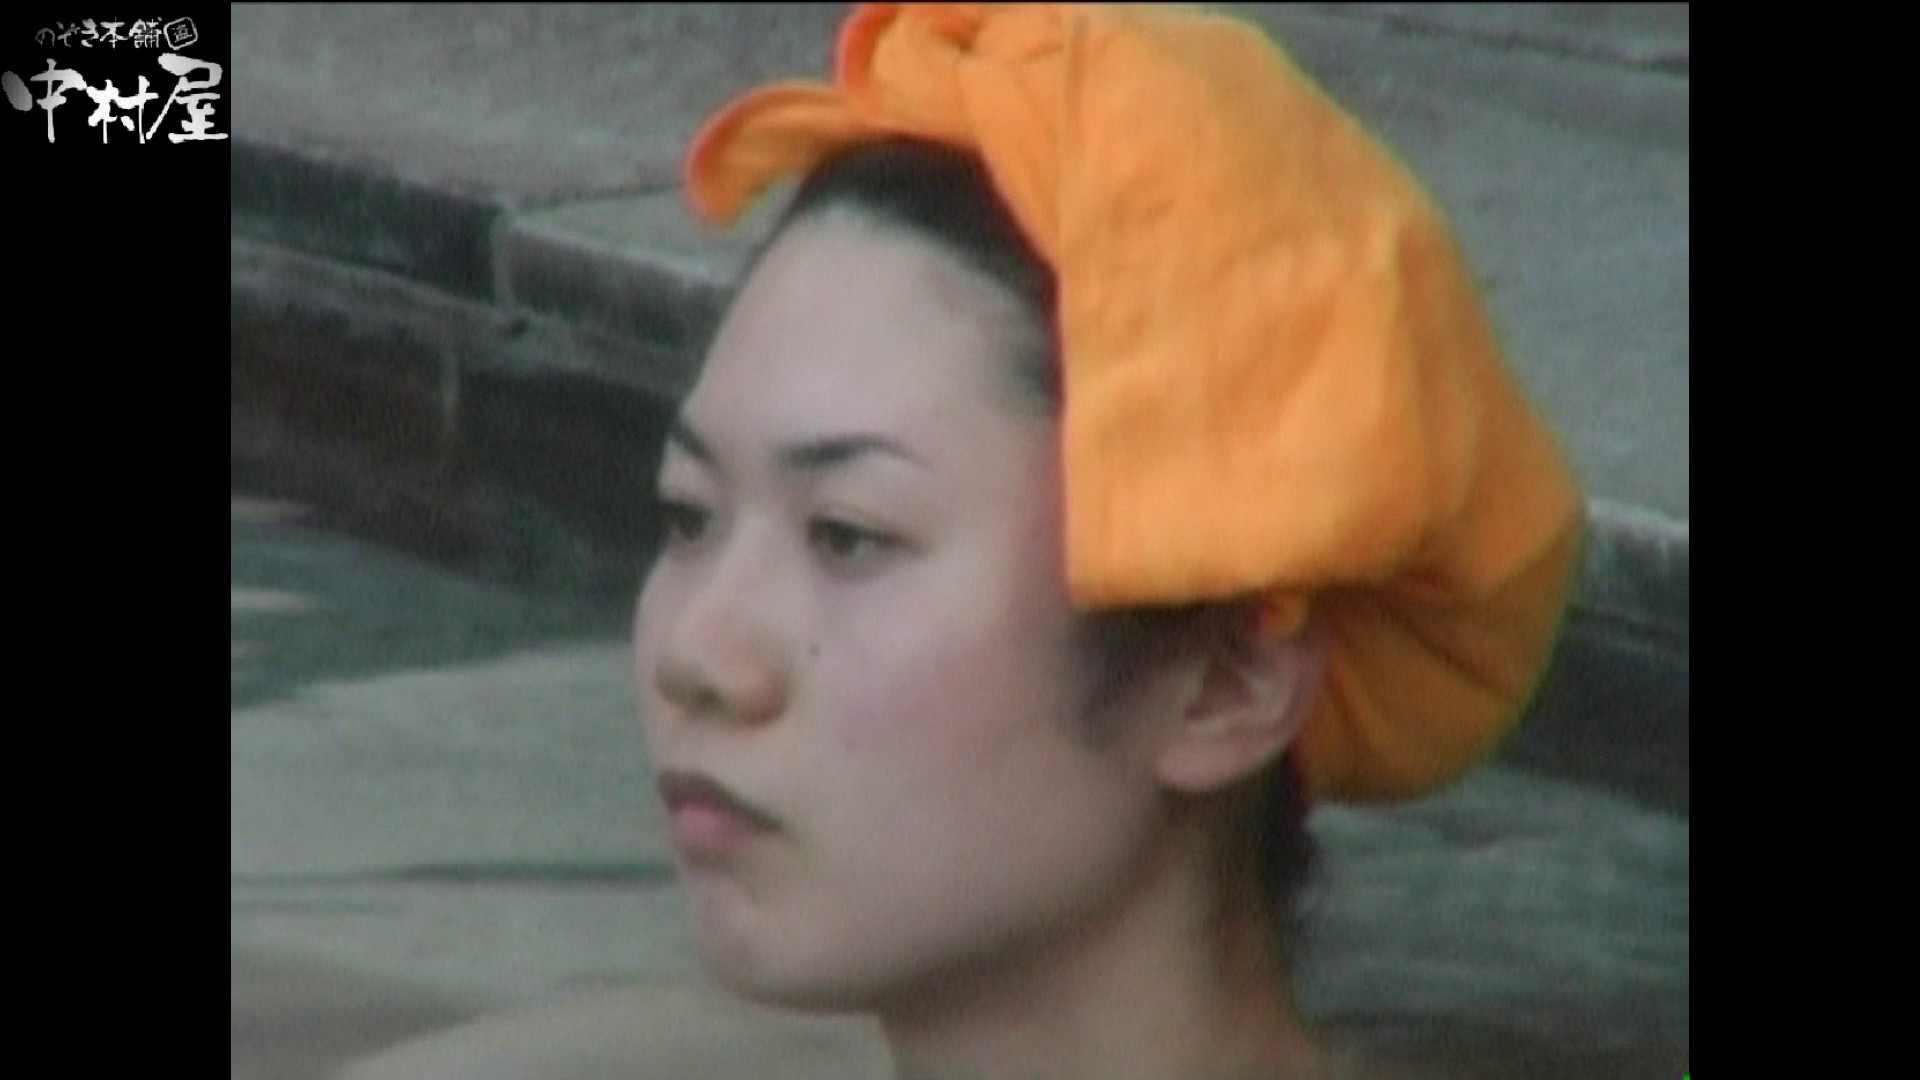 Aquaな露天風呂Vol.978 盗撮 | 露天風呂  73連発 19